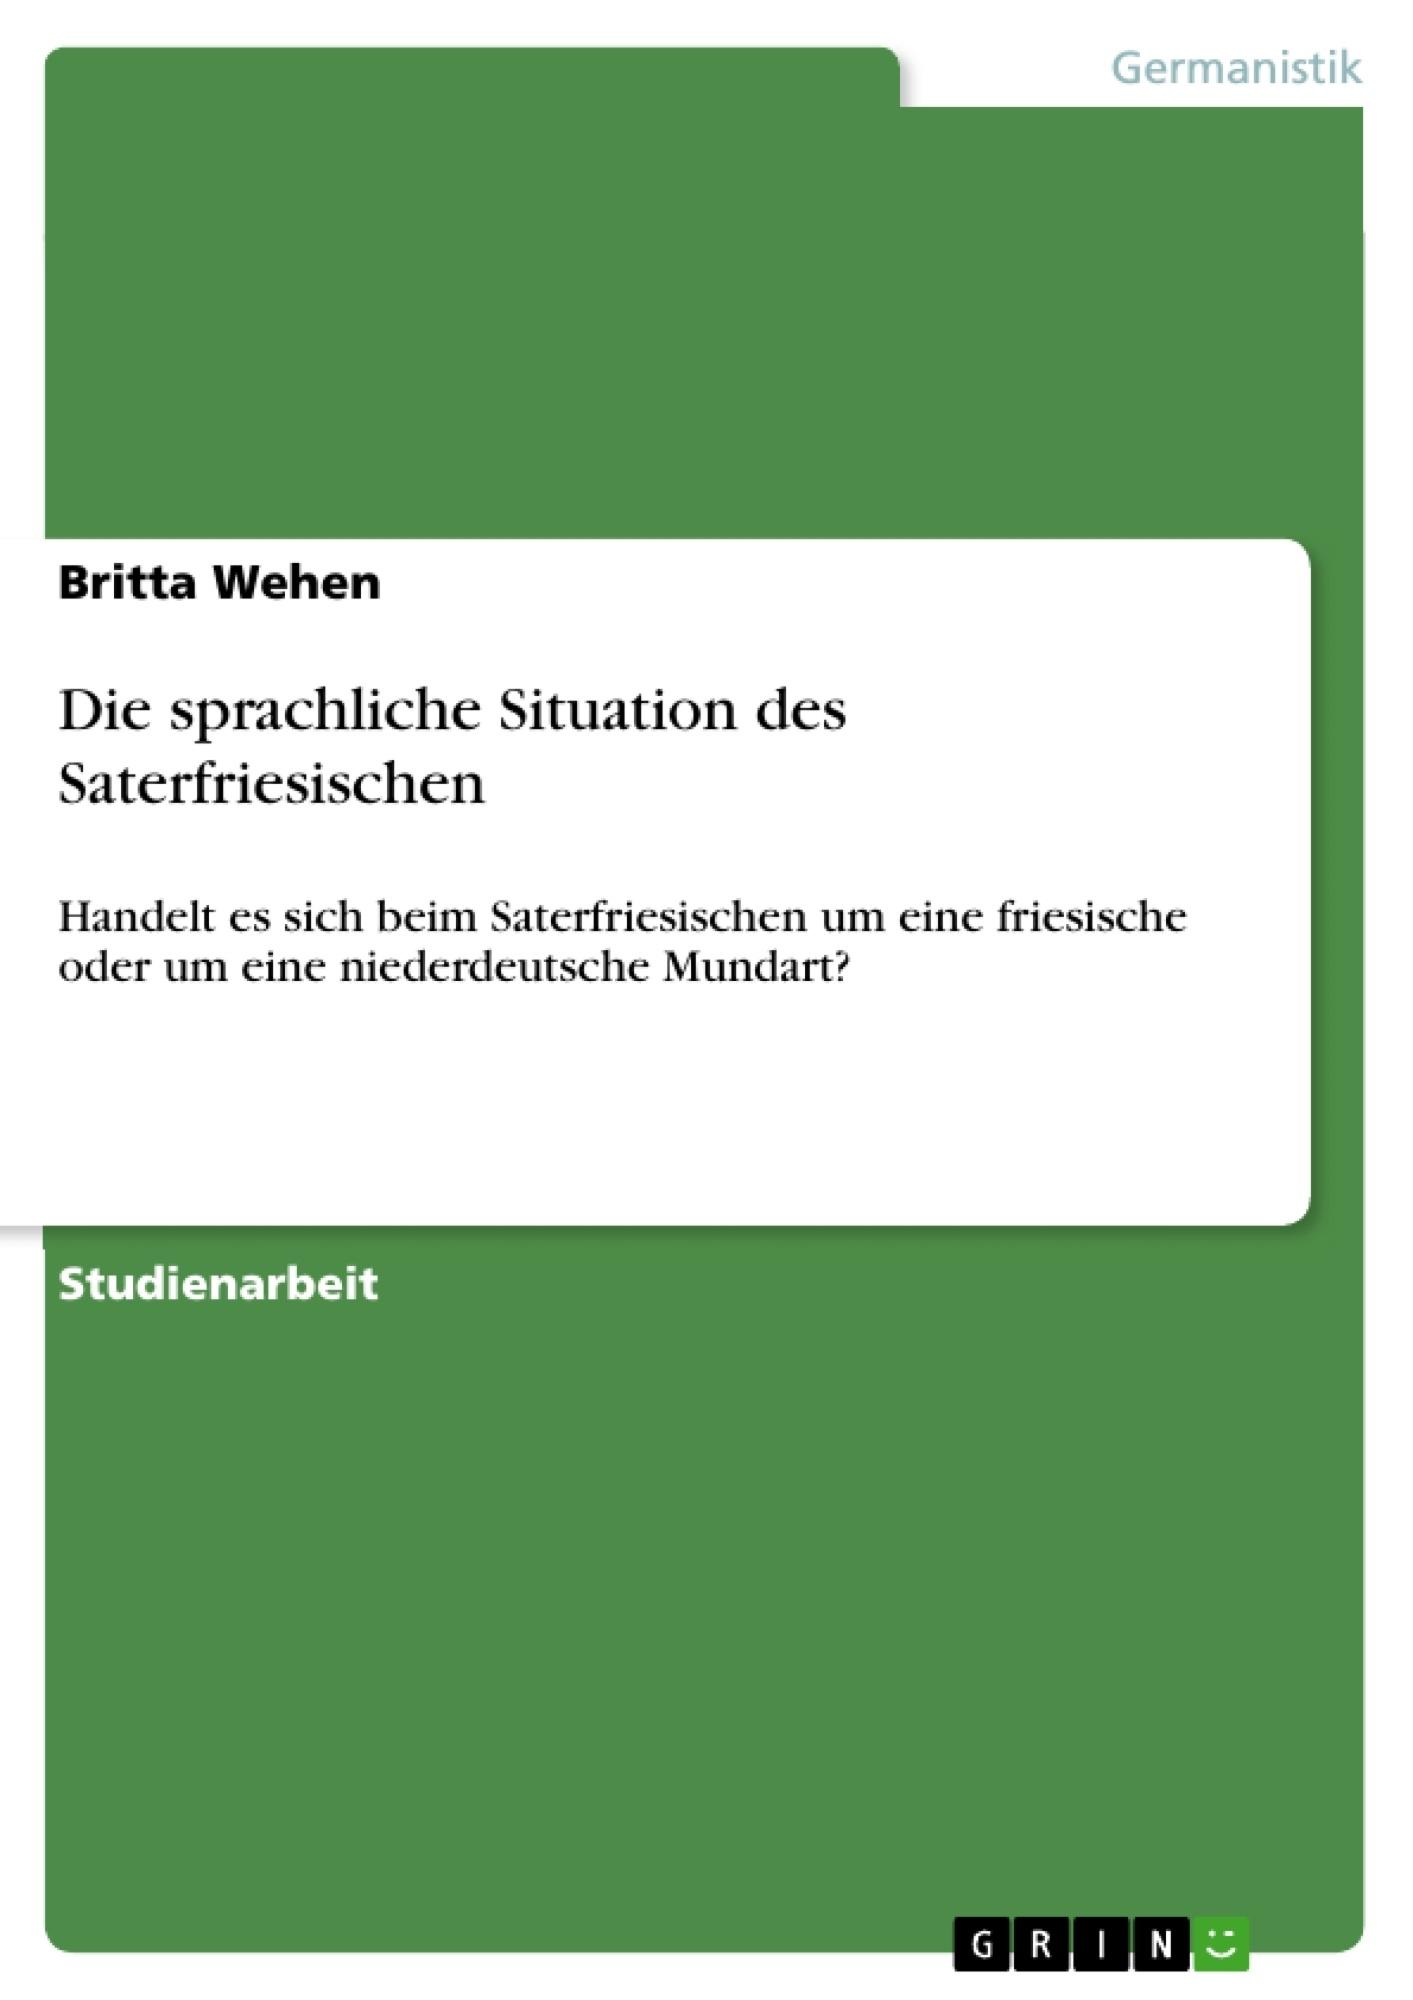 Titel: Die sprachliche Situation des Saterfriesischen